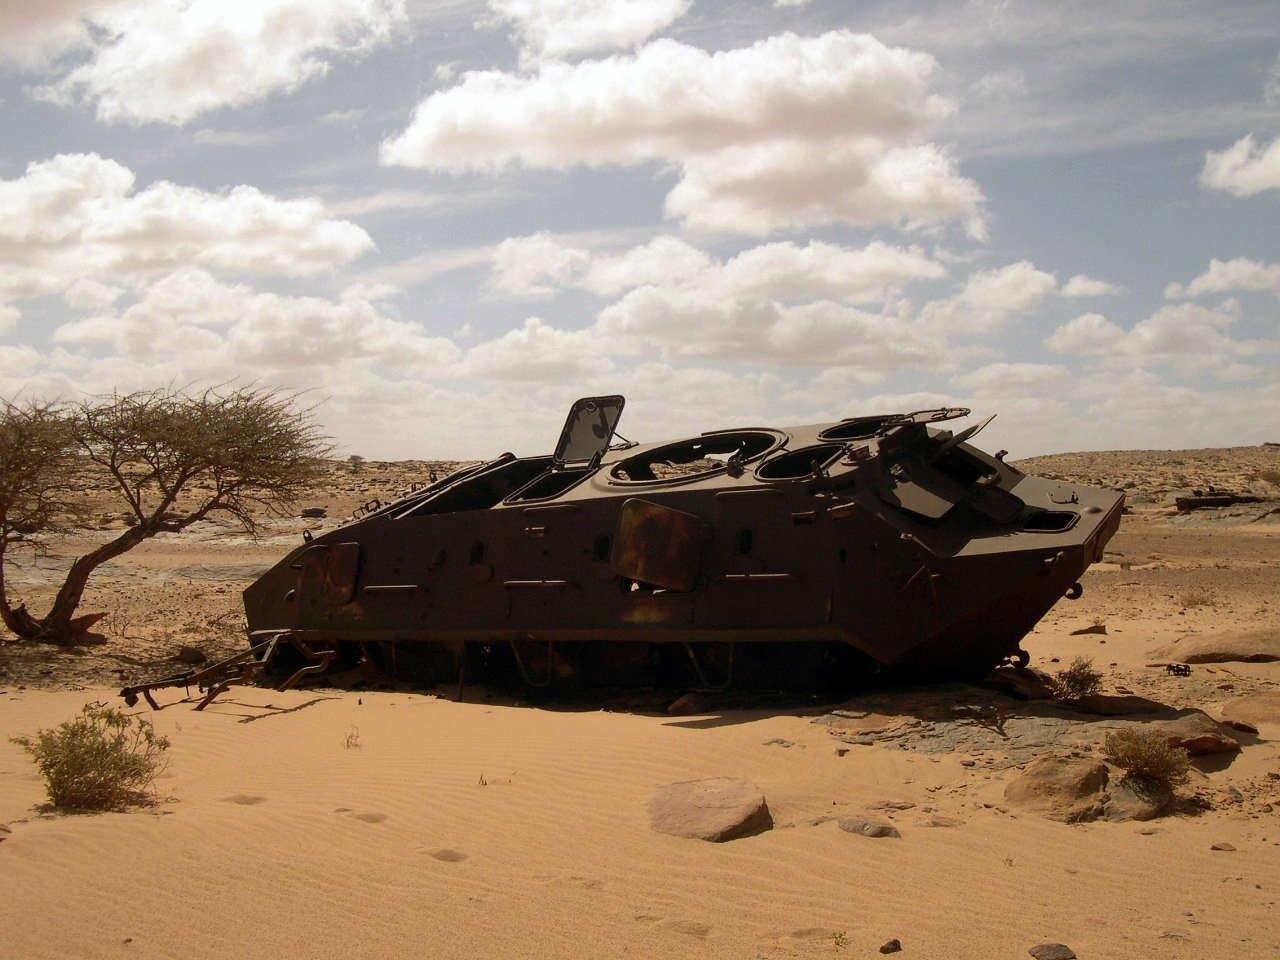 Le conflit armé du sahara marocain - Page 10 Clipbo54